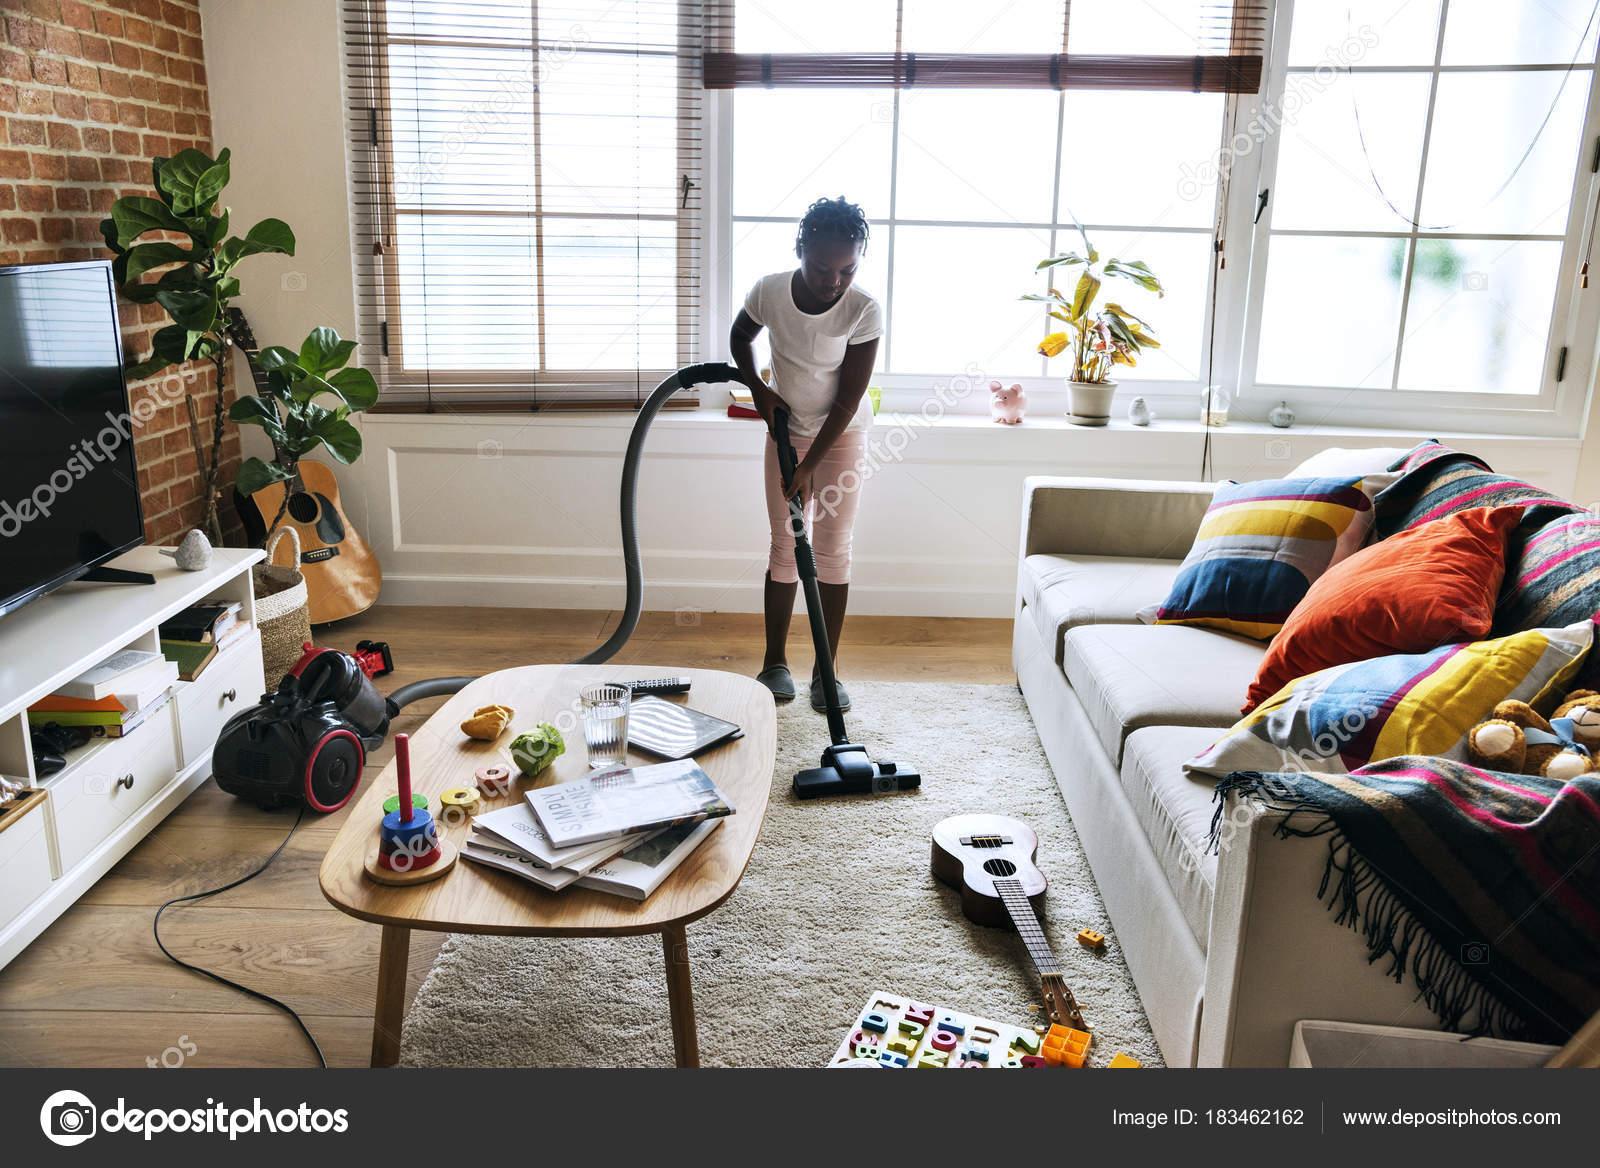 Fußboden Im Wohnzimmer ~ Afrikanische mädchen saugen fußboden wohnzimmer u stockfoto